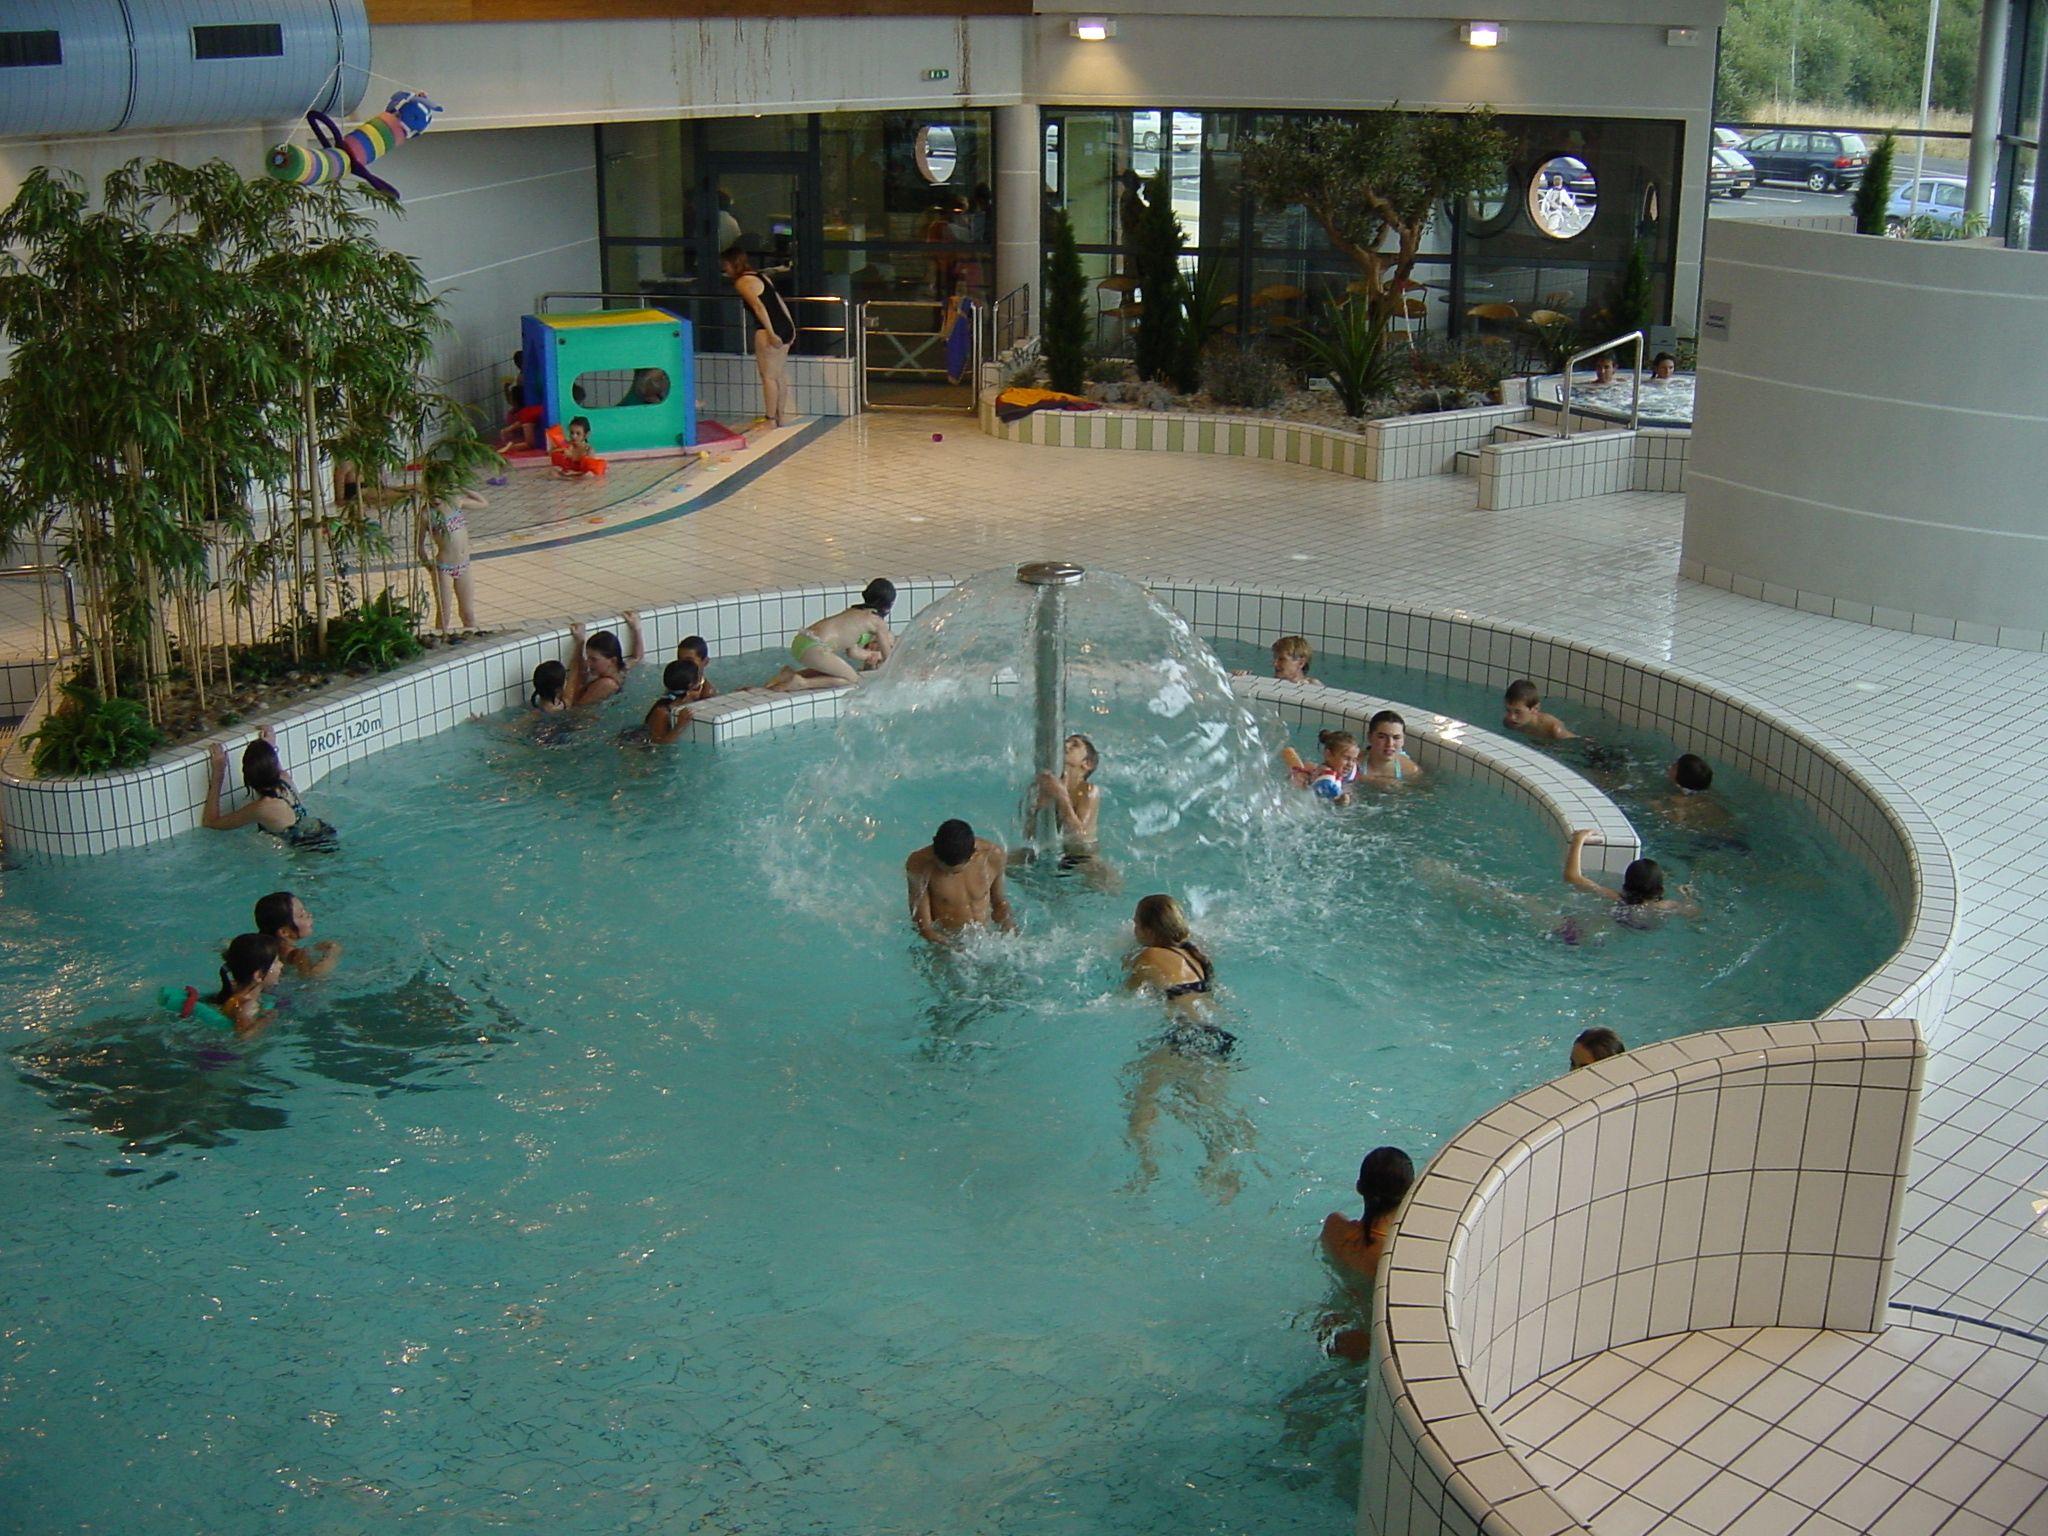 Le Centre Aquatique Le Grand 9 encequiconcerne Piscine St Philbert